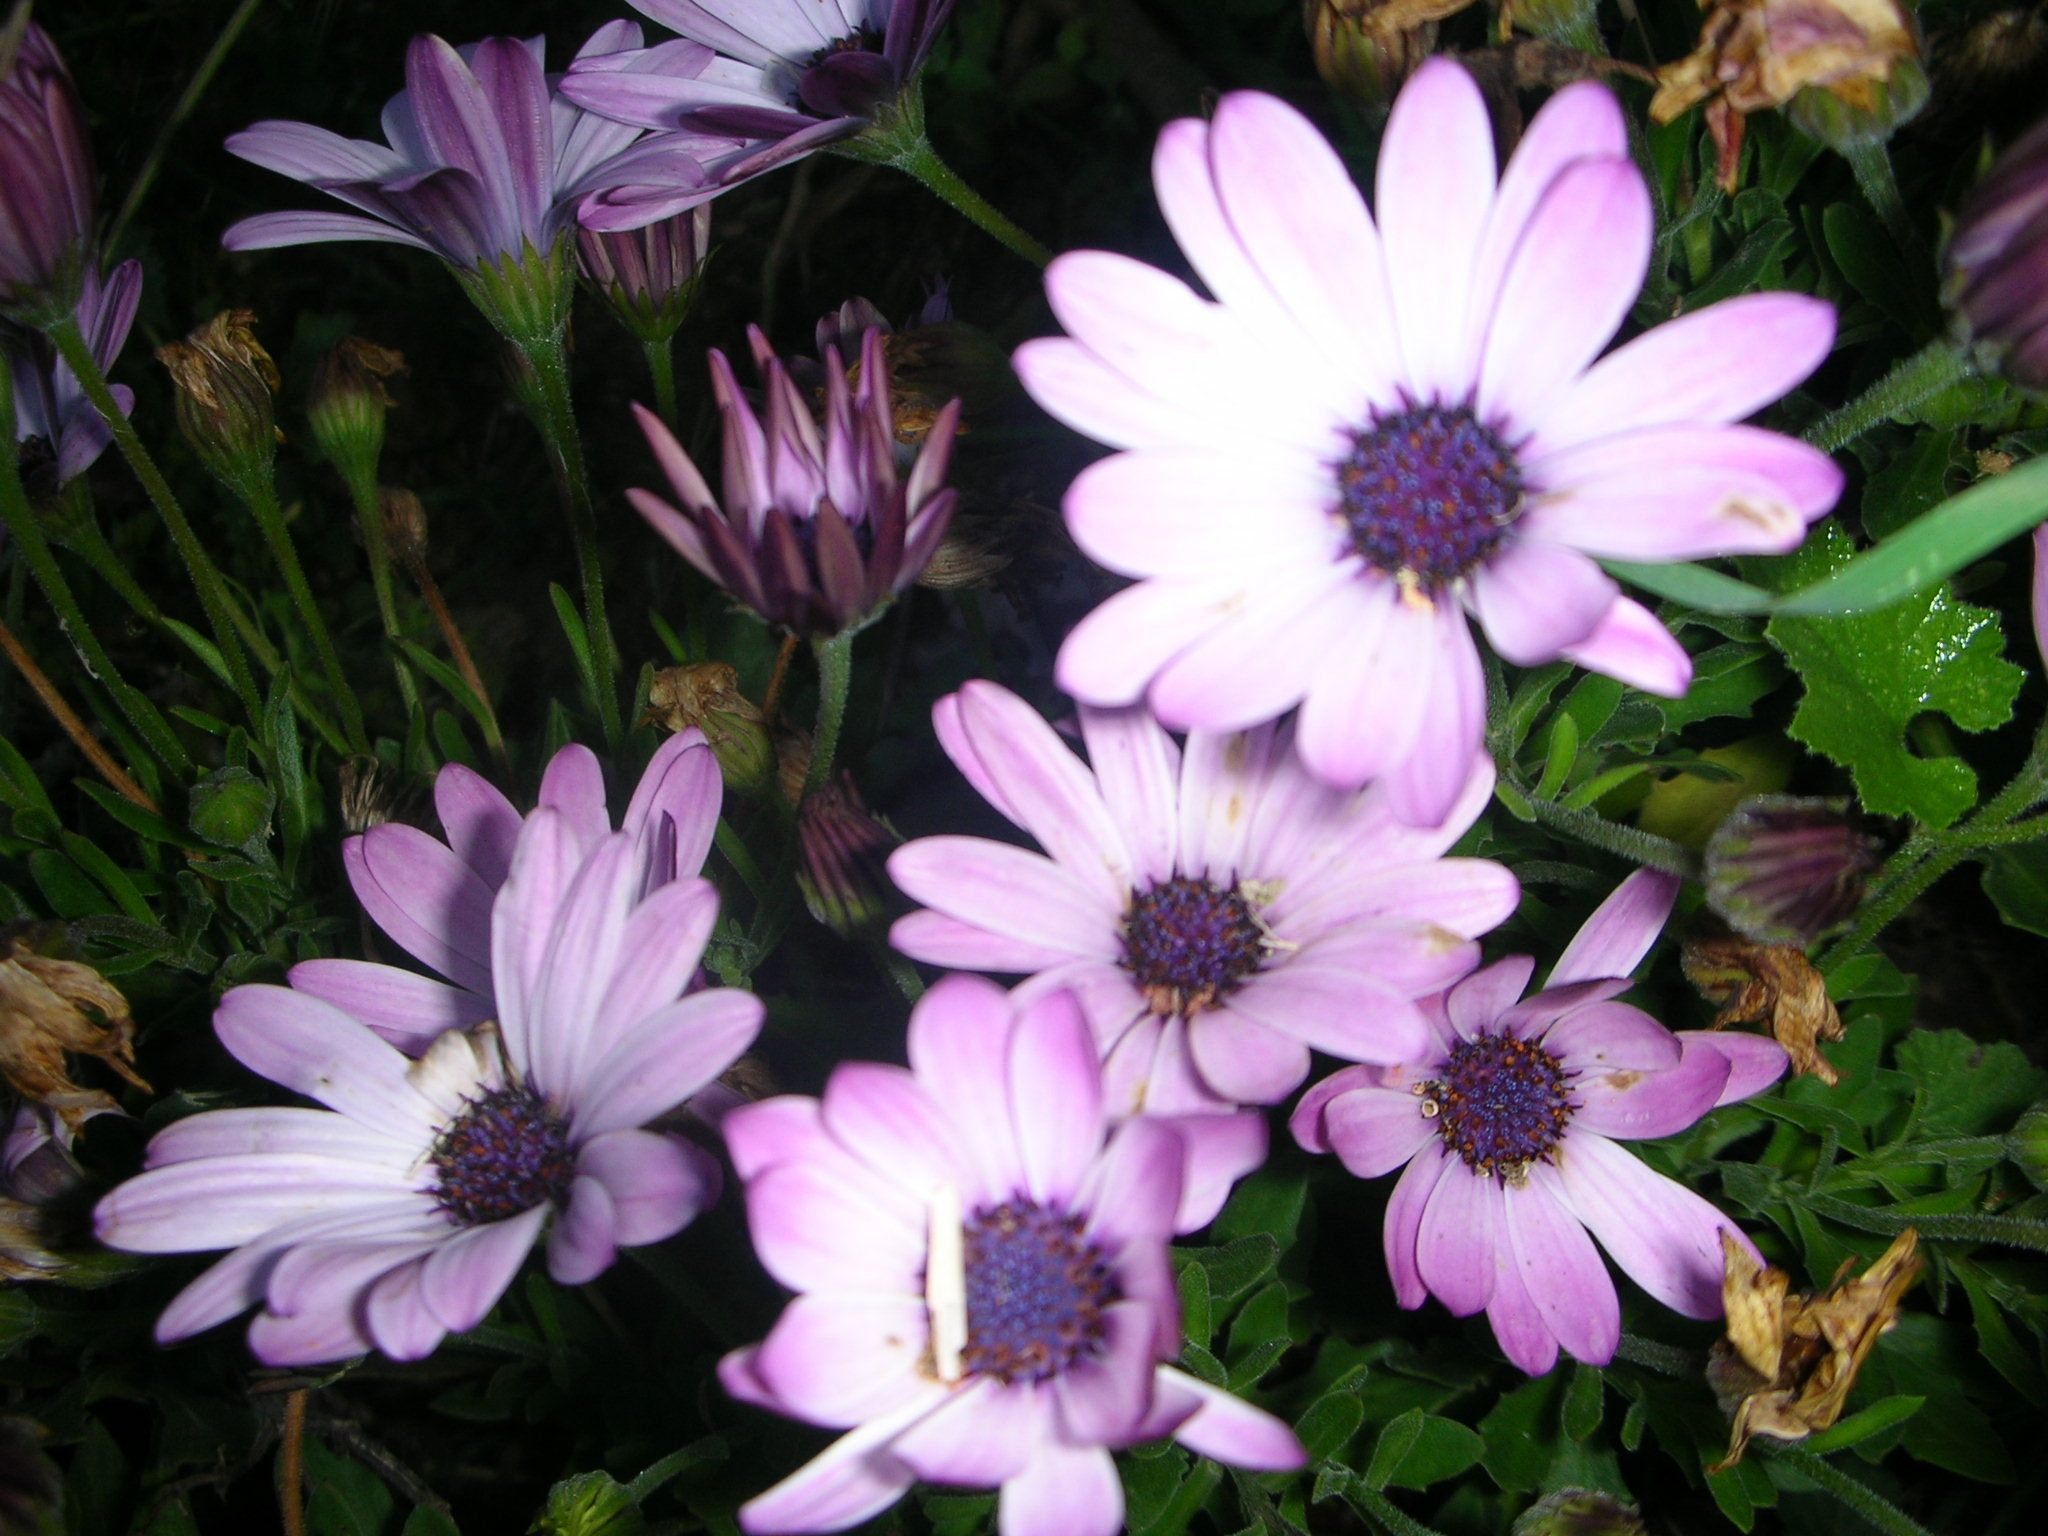 Plantas Con Flor Top 15 Flores 1001 Consejos Hibisco